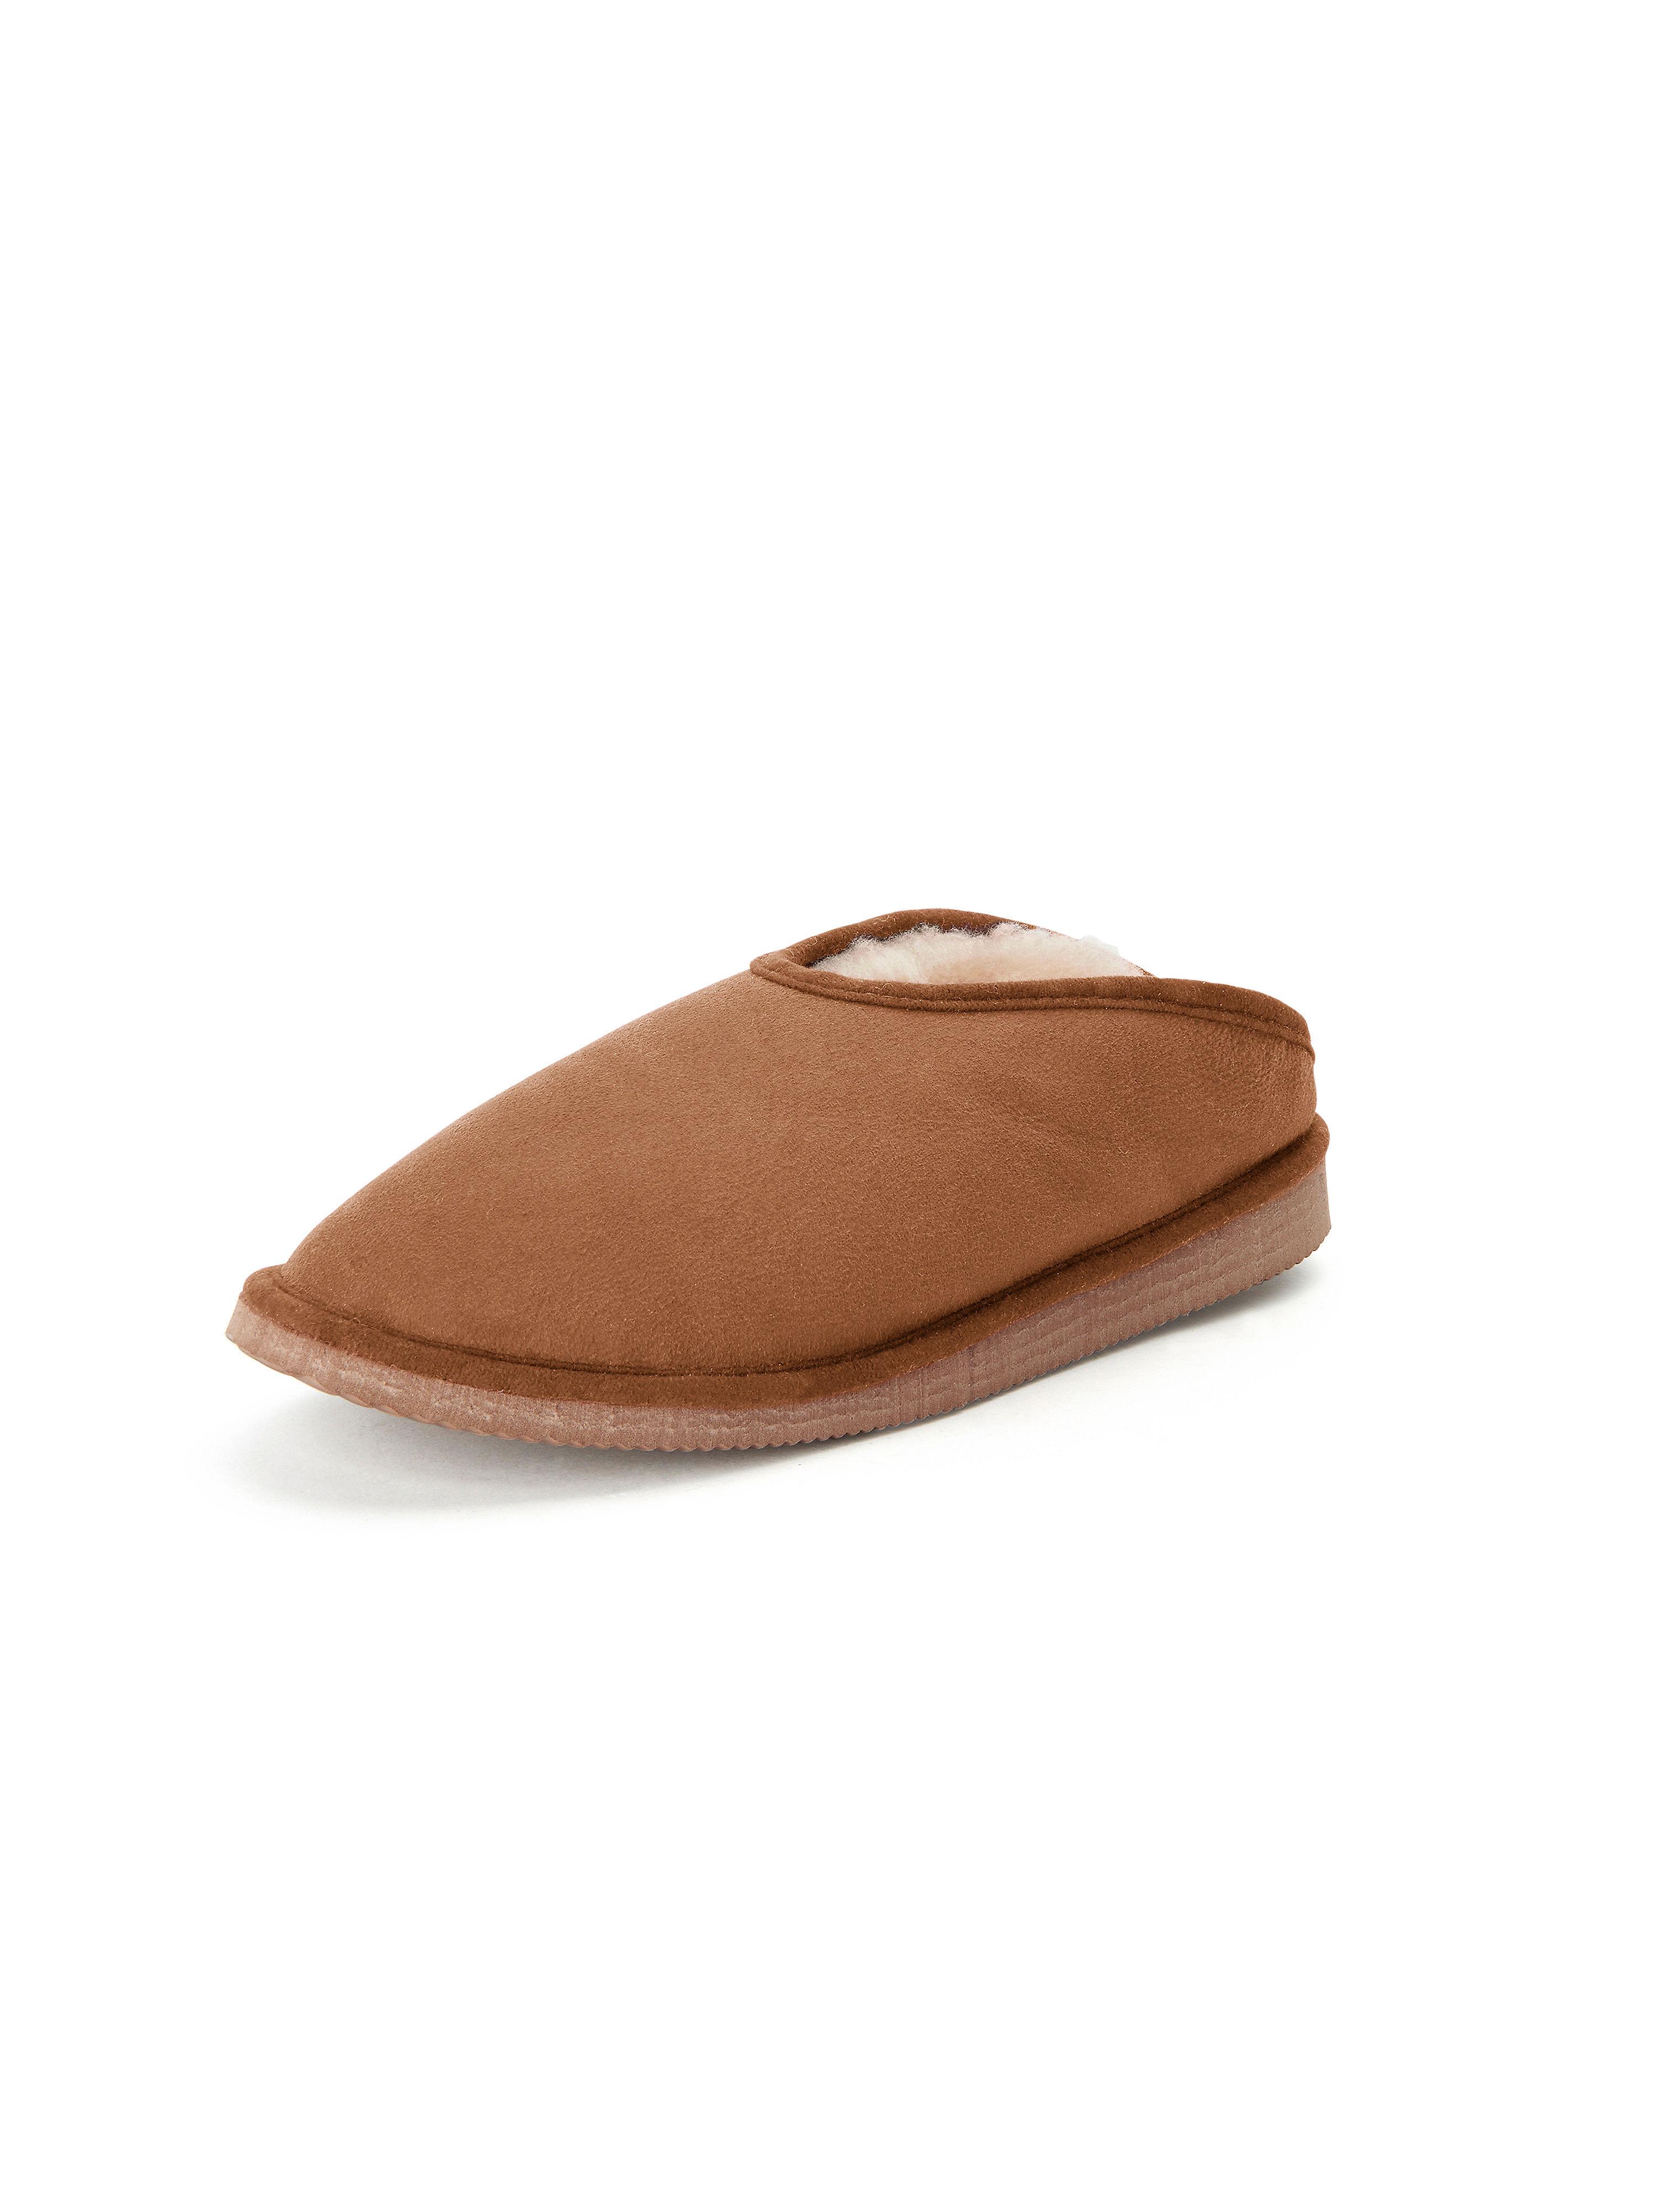 Les chaussons Fatima agneau lainé Kitzpichler marron taille 37